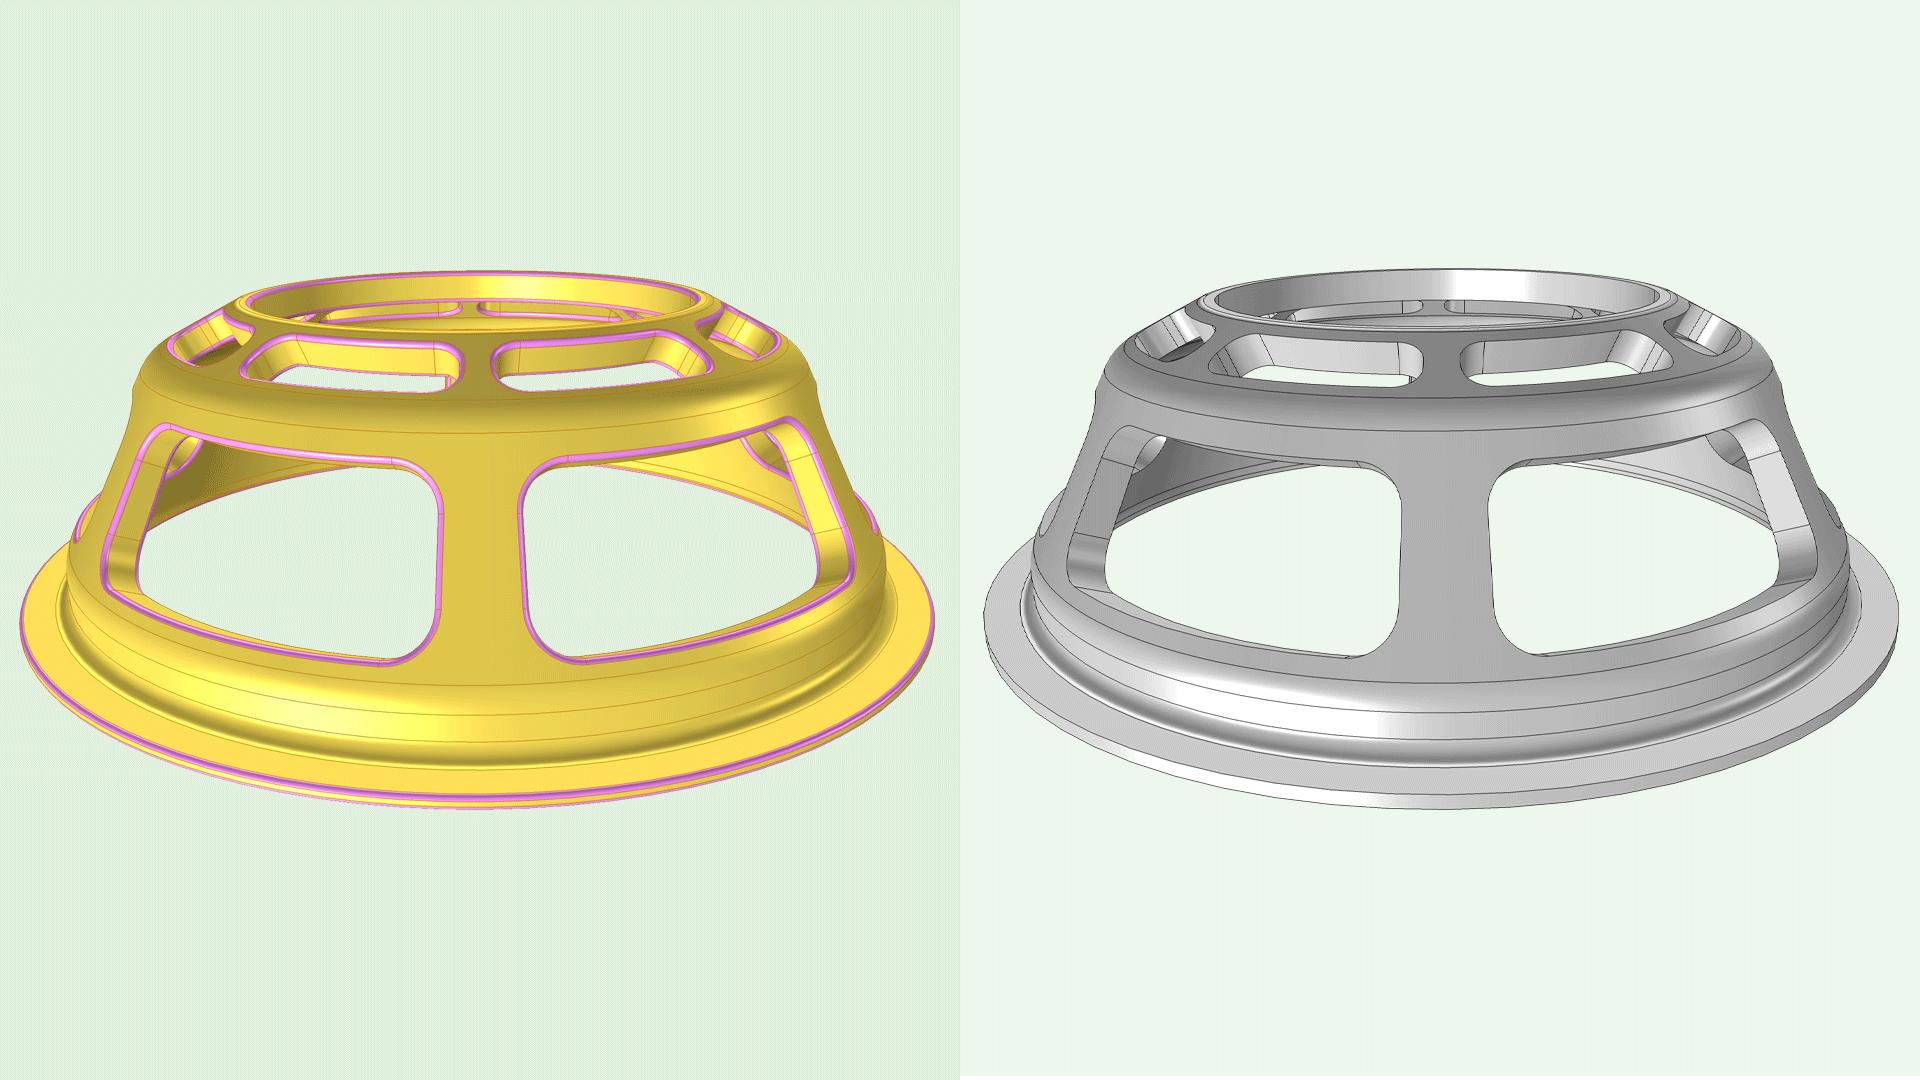 Сравнение исходной геометрической CAD-модели и модели после выполнения операций удаления галтелей (скруглений).